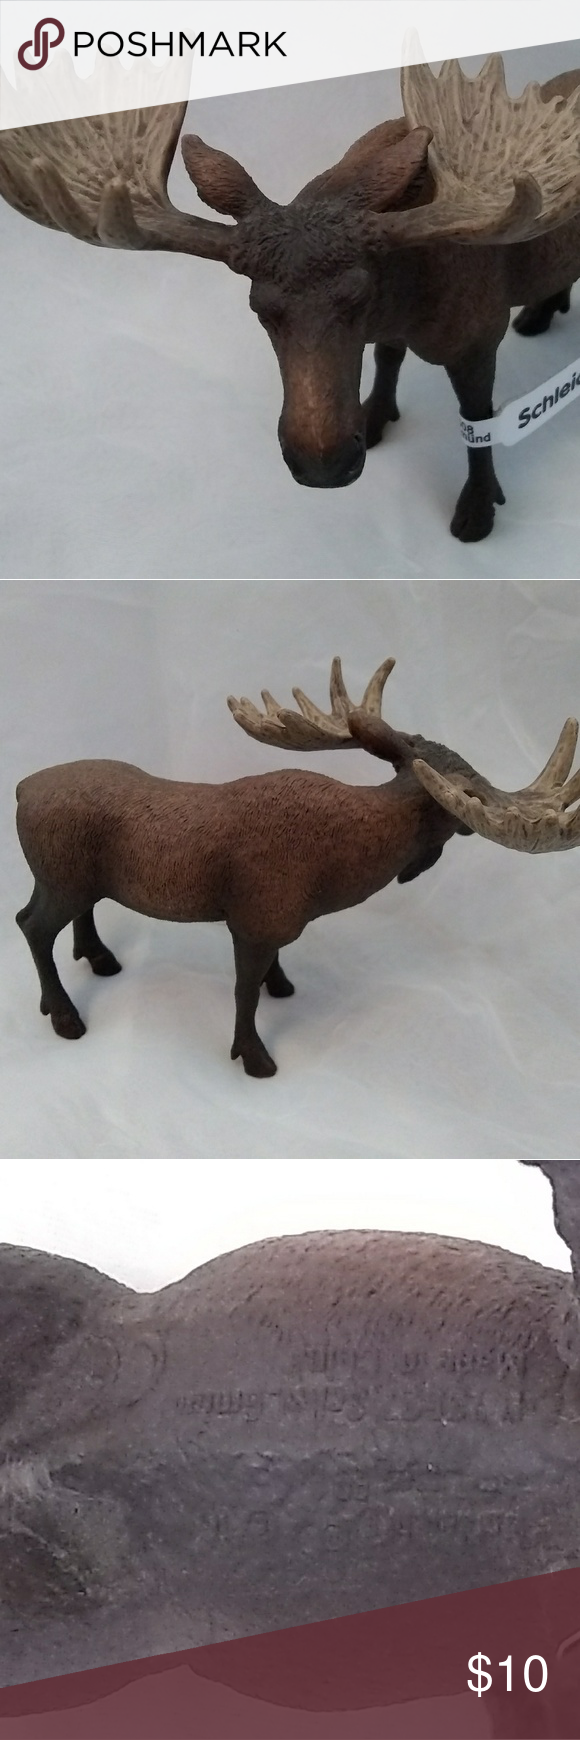 Pewter Bull Moose Figurine